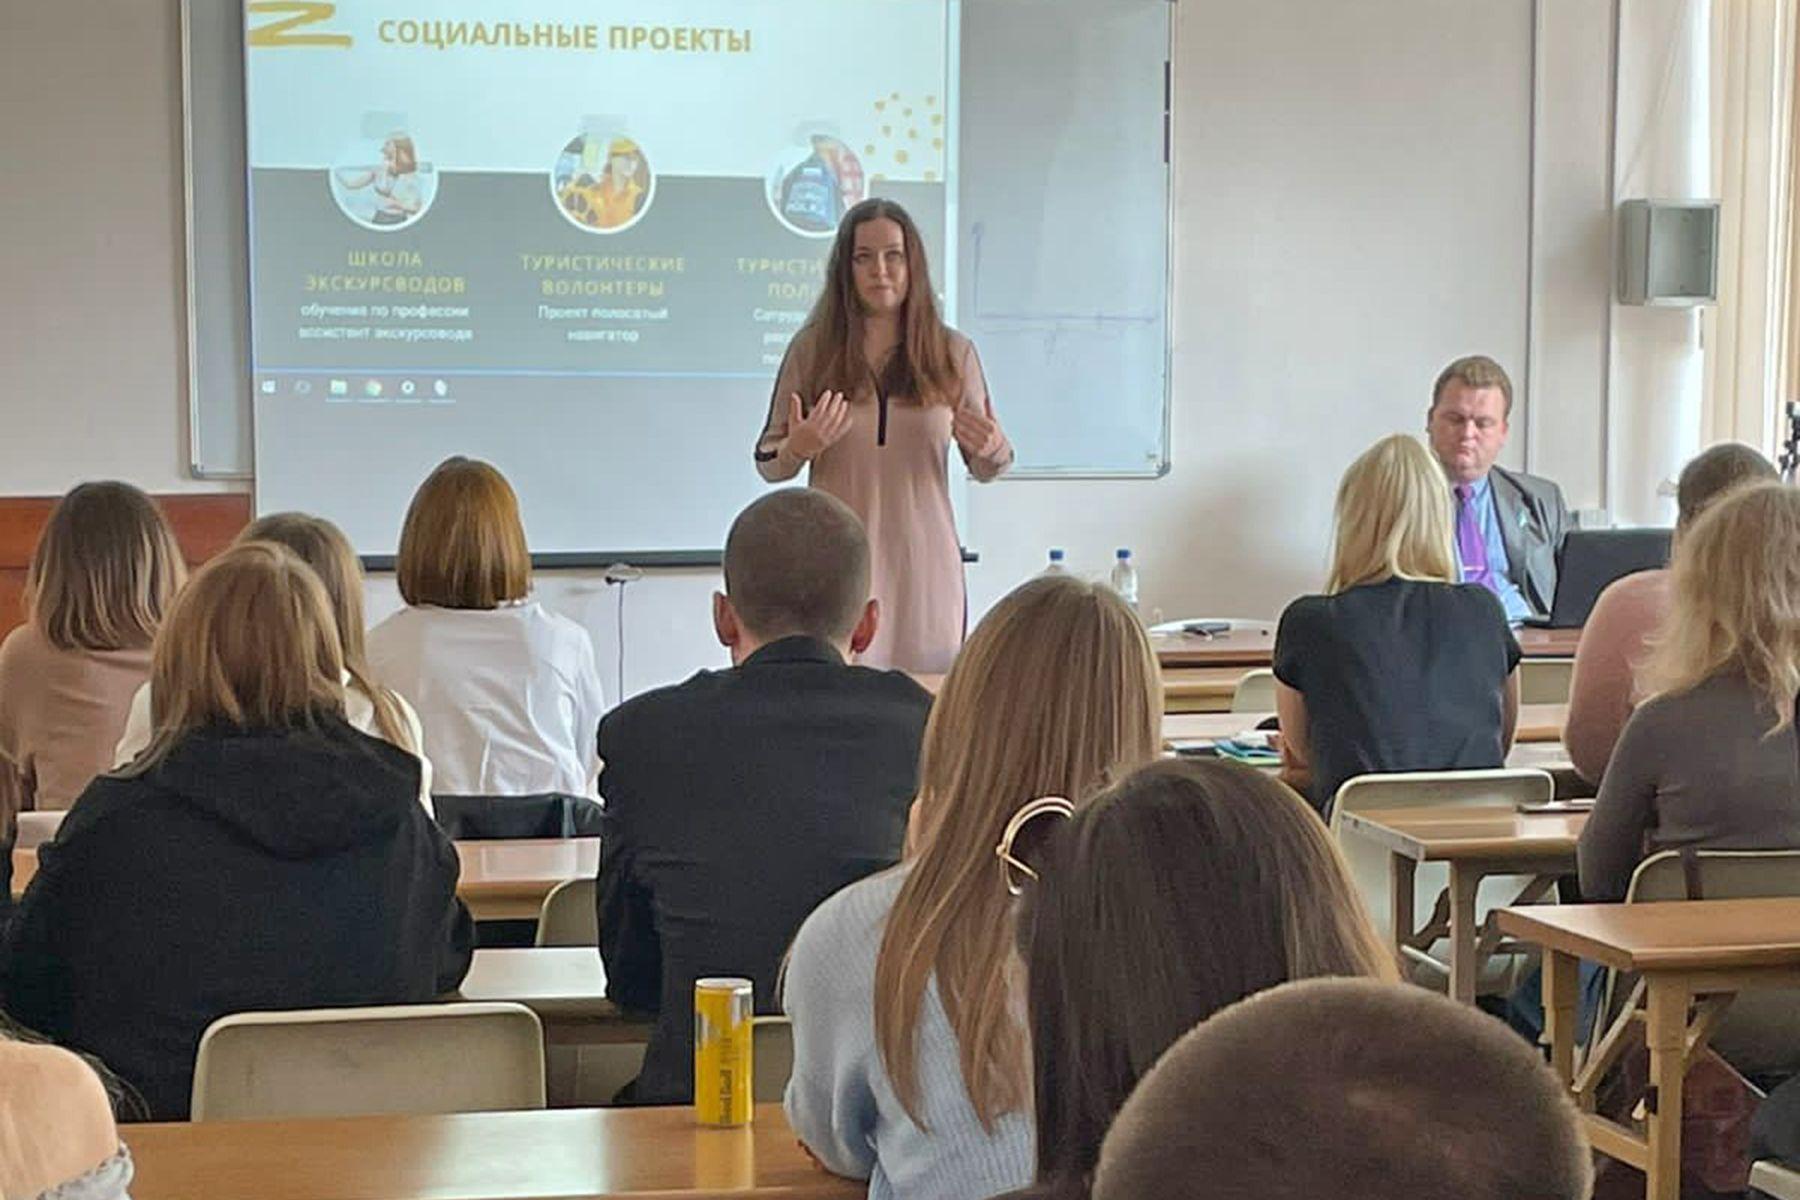 Студенты-международники ВГУЭС узнали о широких возможностях профессиональной реализации в туристической отрасли